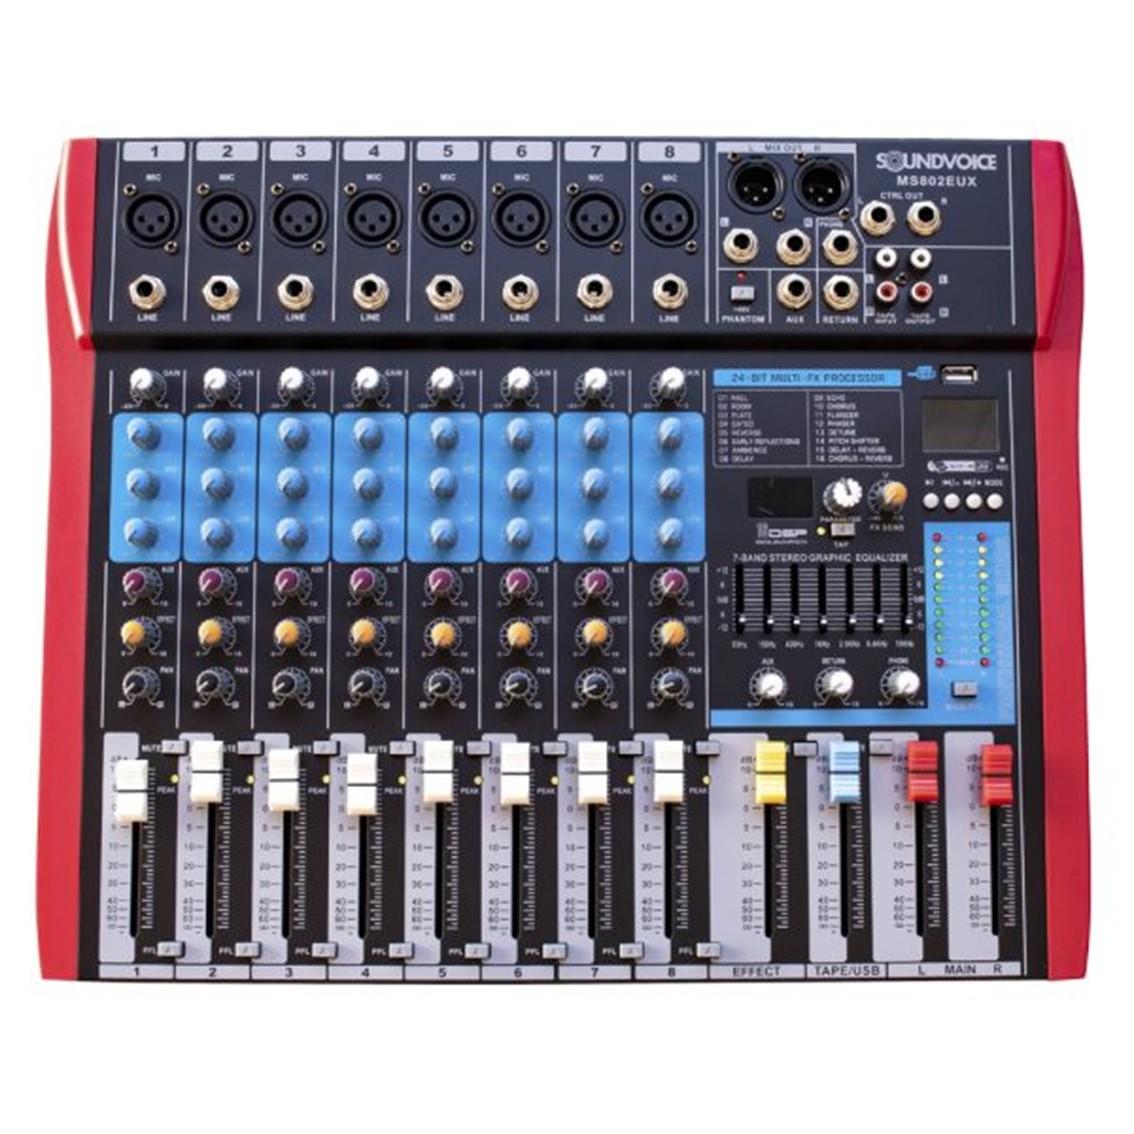 Imagem do produto Mesa de Som Soundvoice 8 Canais MS-802 EUX